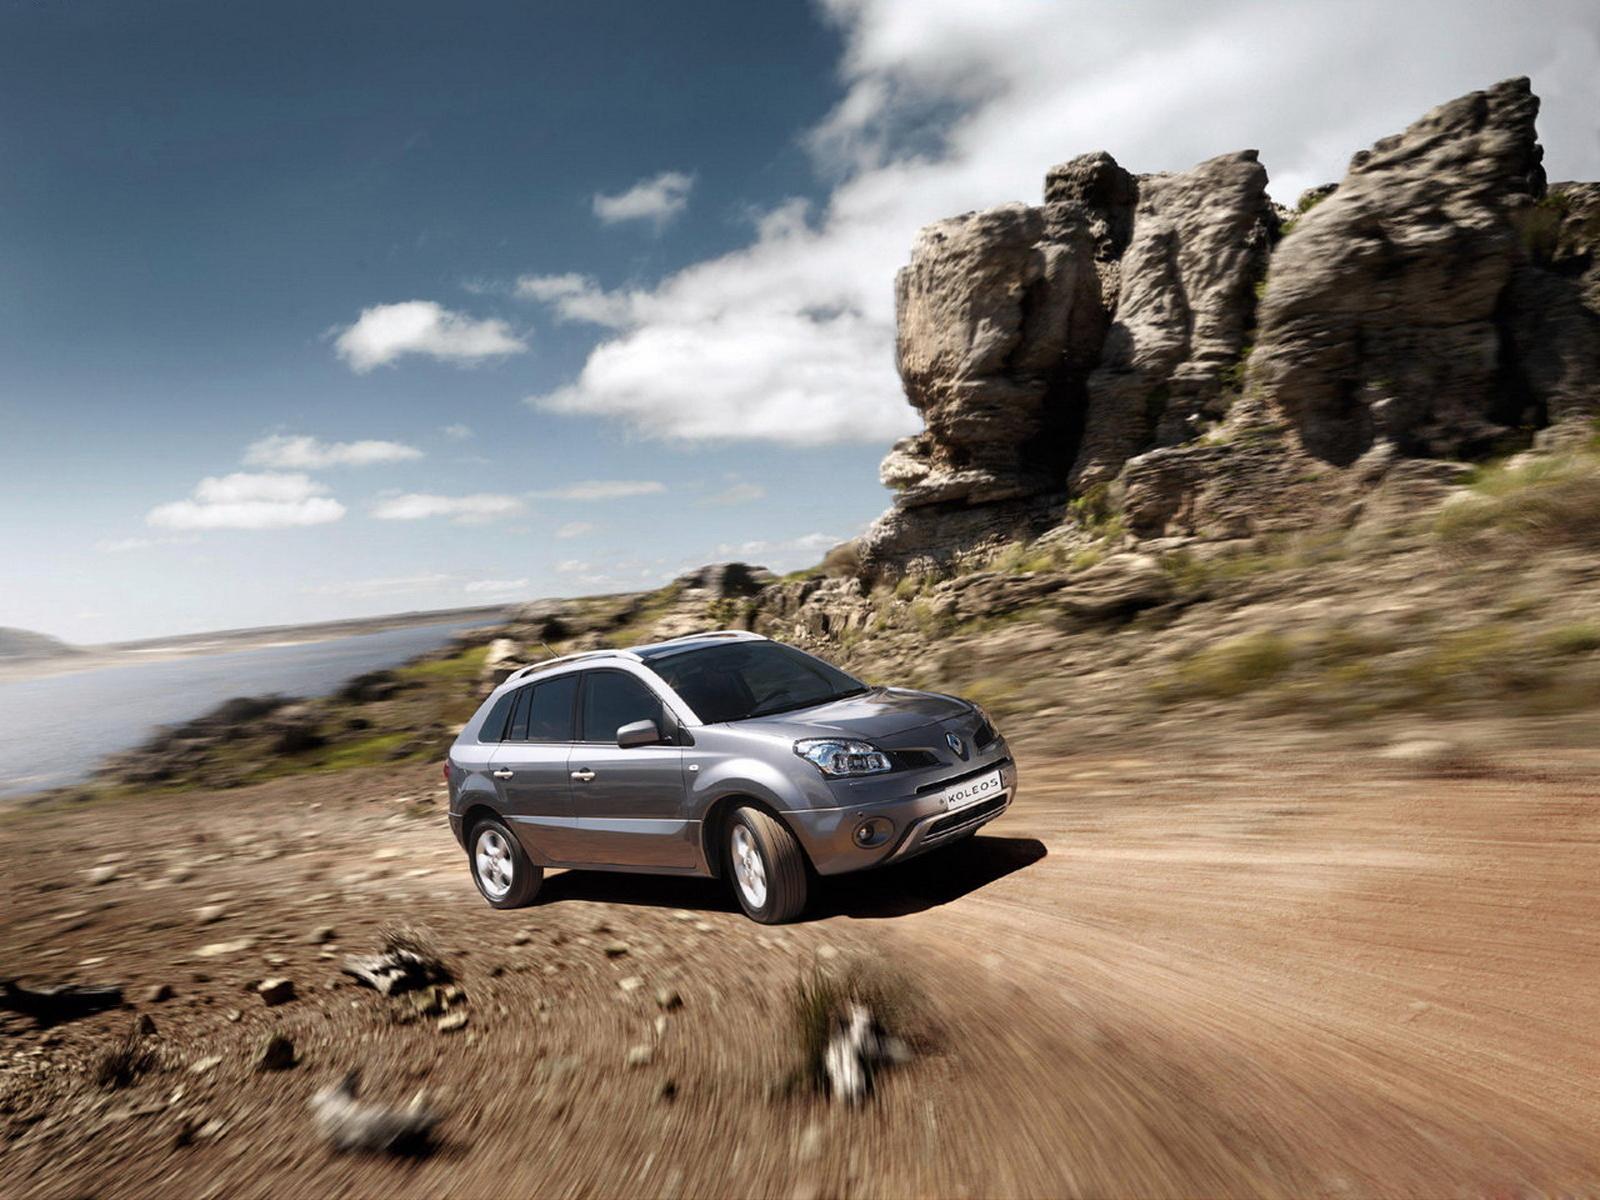 9525 Hintergrundbild herunterladen Transport, Auto, Renault - Bildschirmschoner und Bilder kostenlos